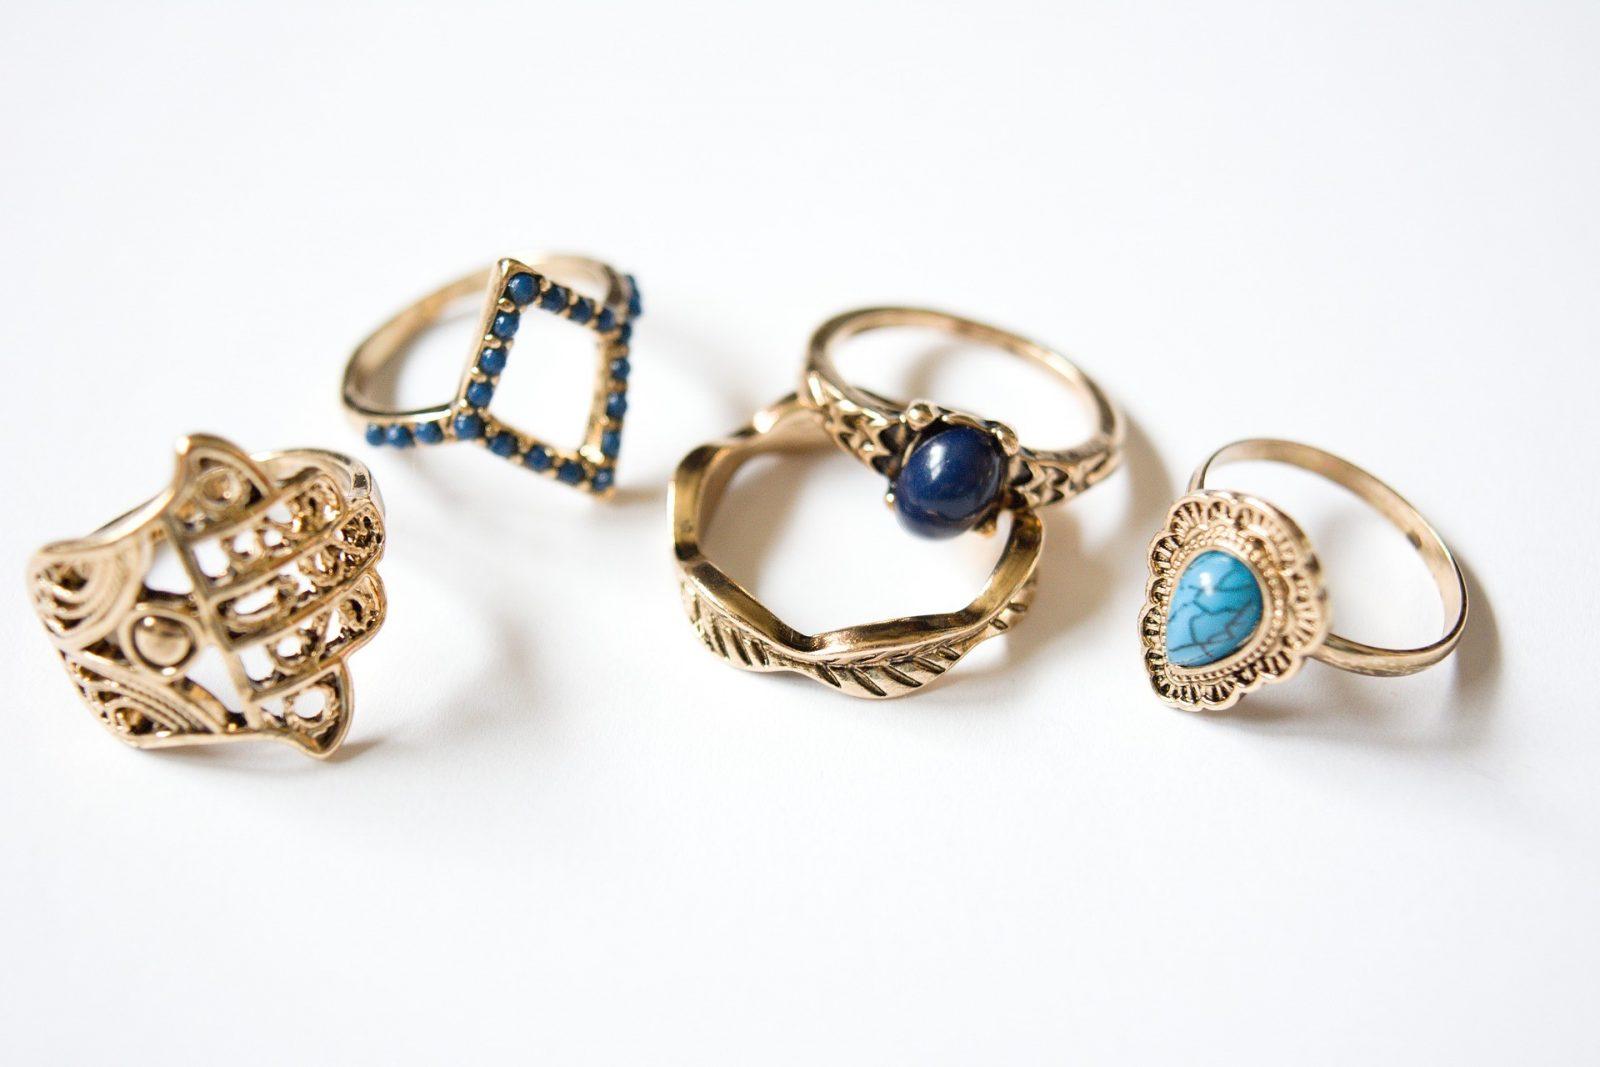 ניקוי תכשיטים באמבט אולטראסוני